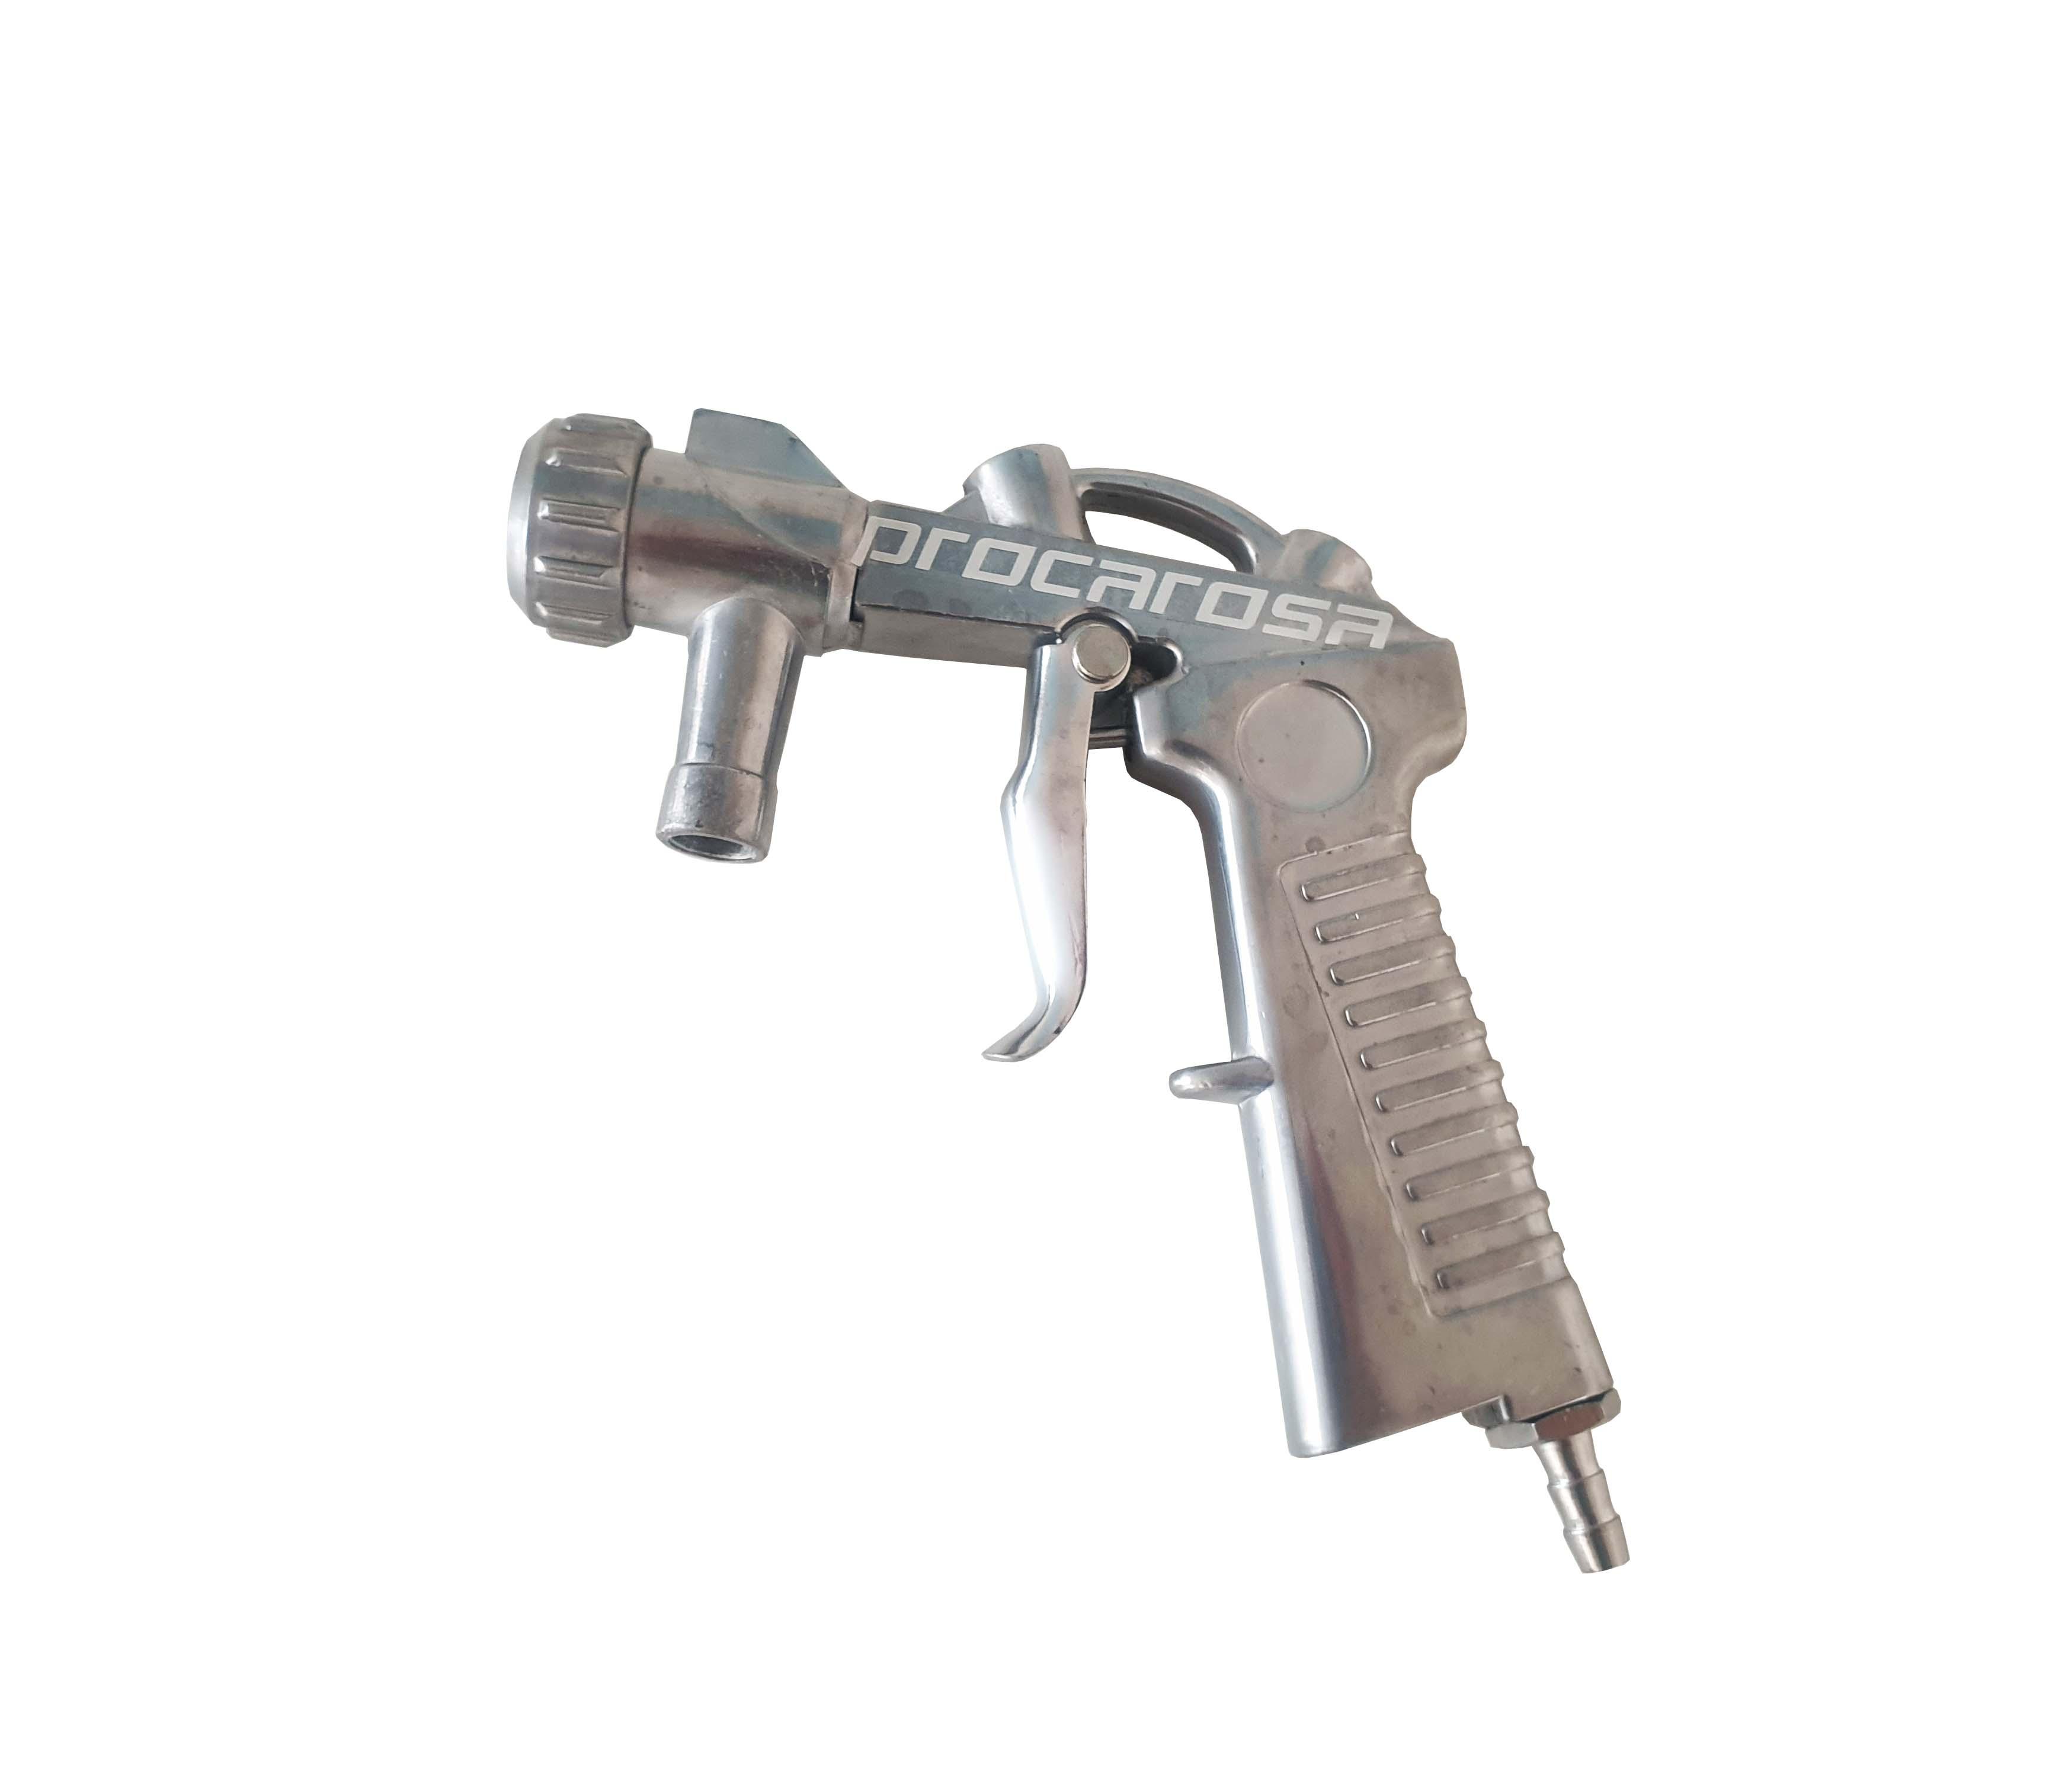 pistole-90-220-350-2